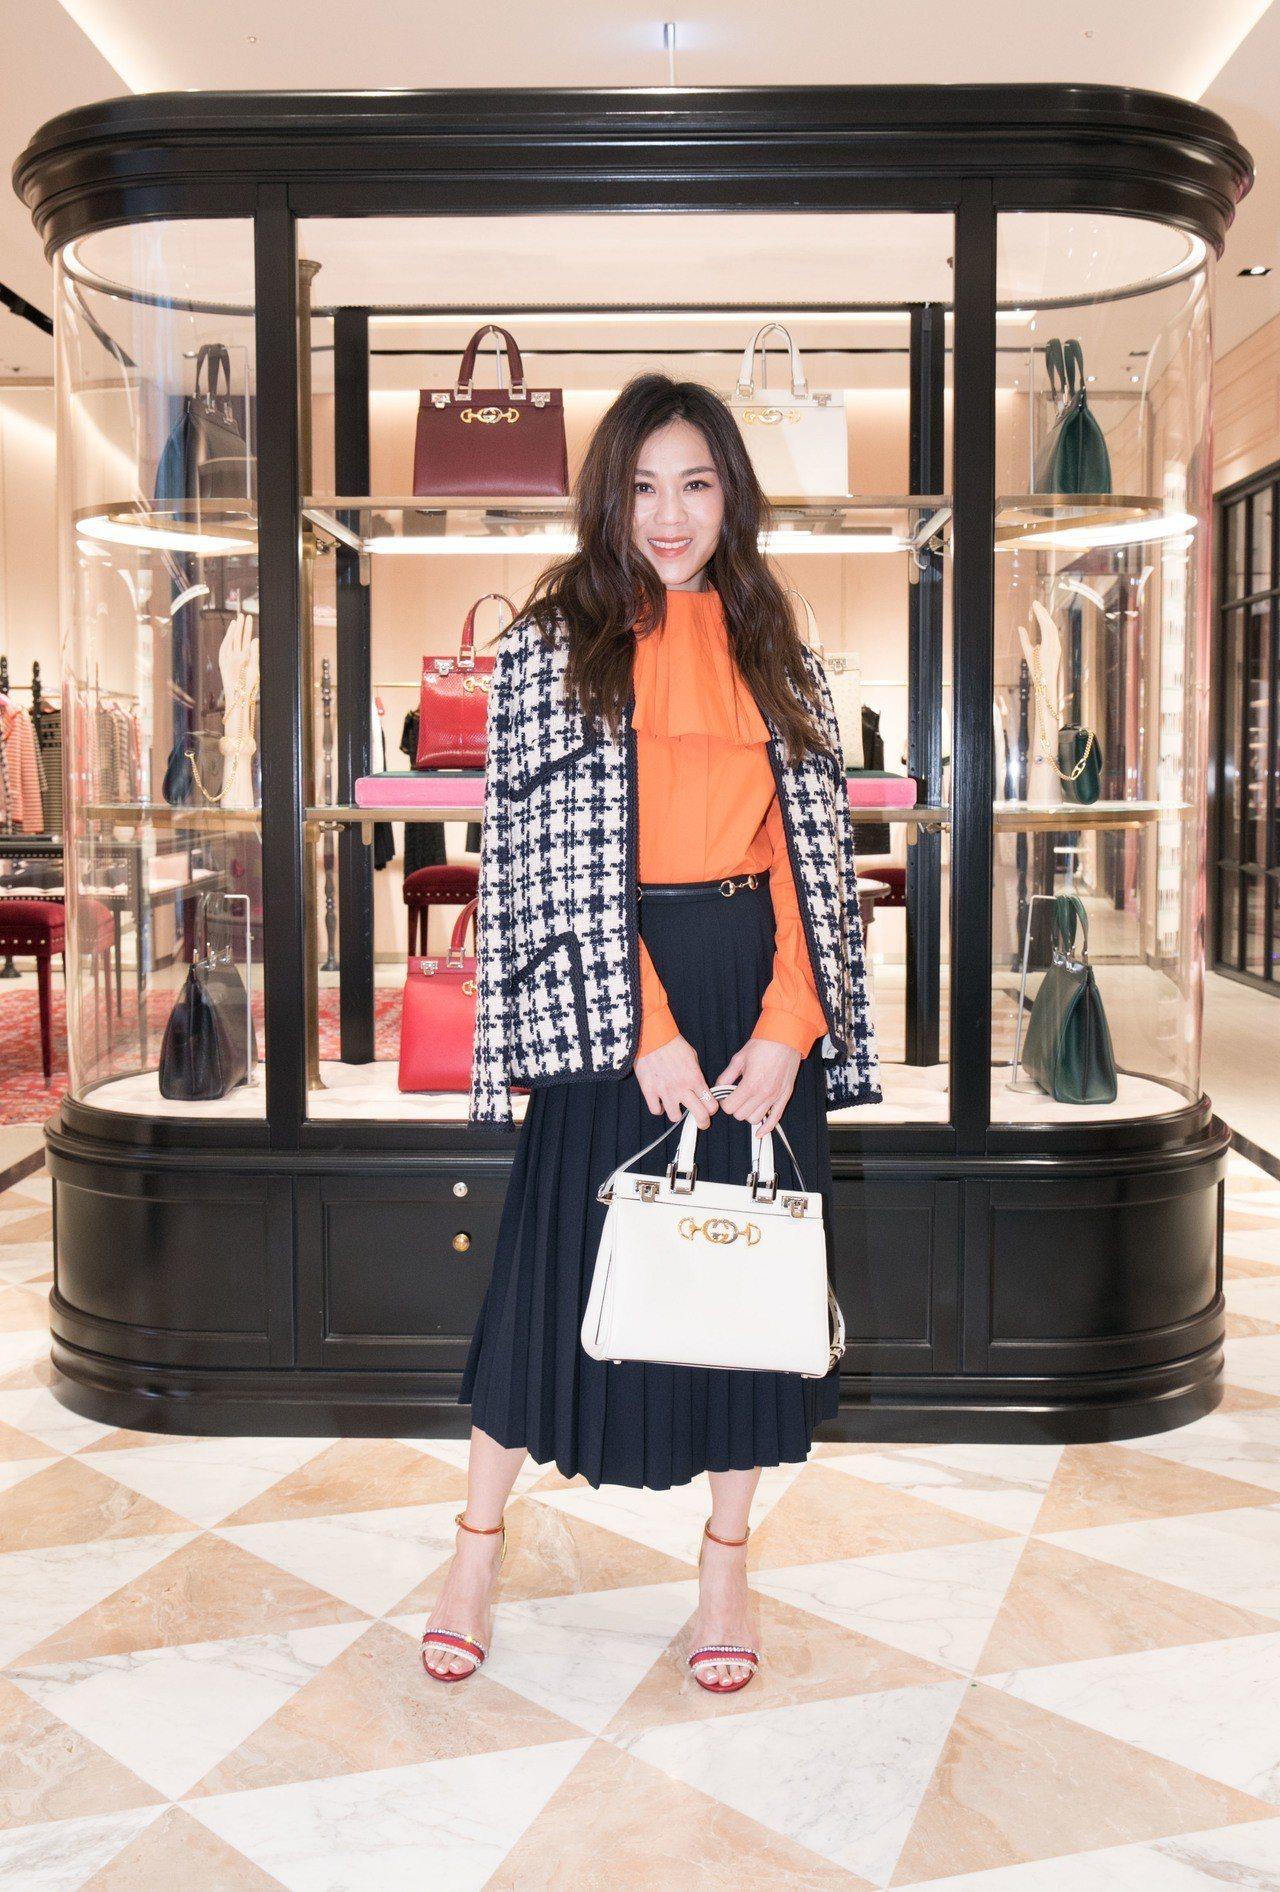 蔡健雅身穿Gucci 2019春夏服裝,搭配全新 Gucci Zumi白色提包。...